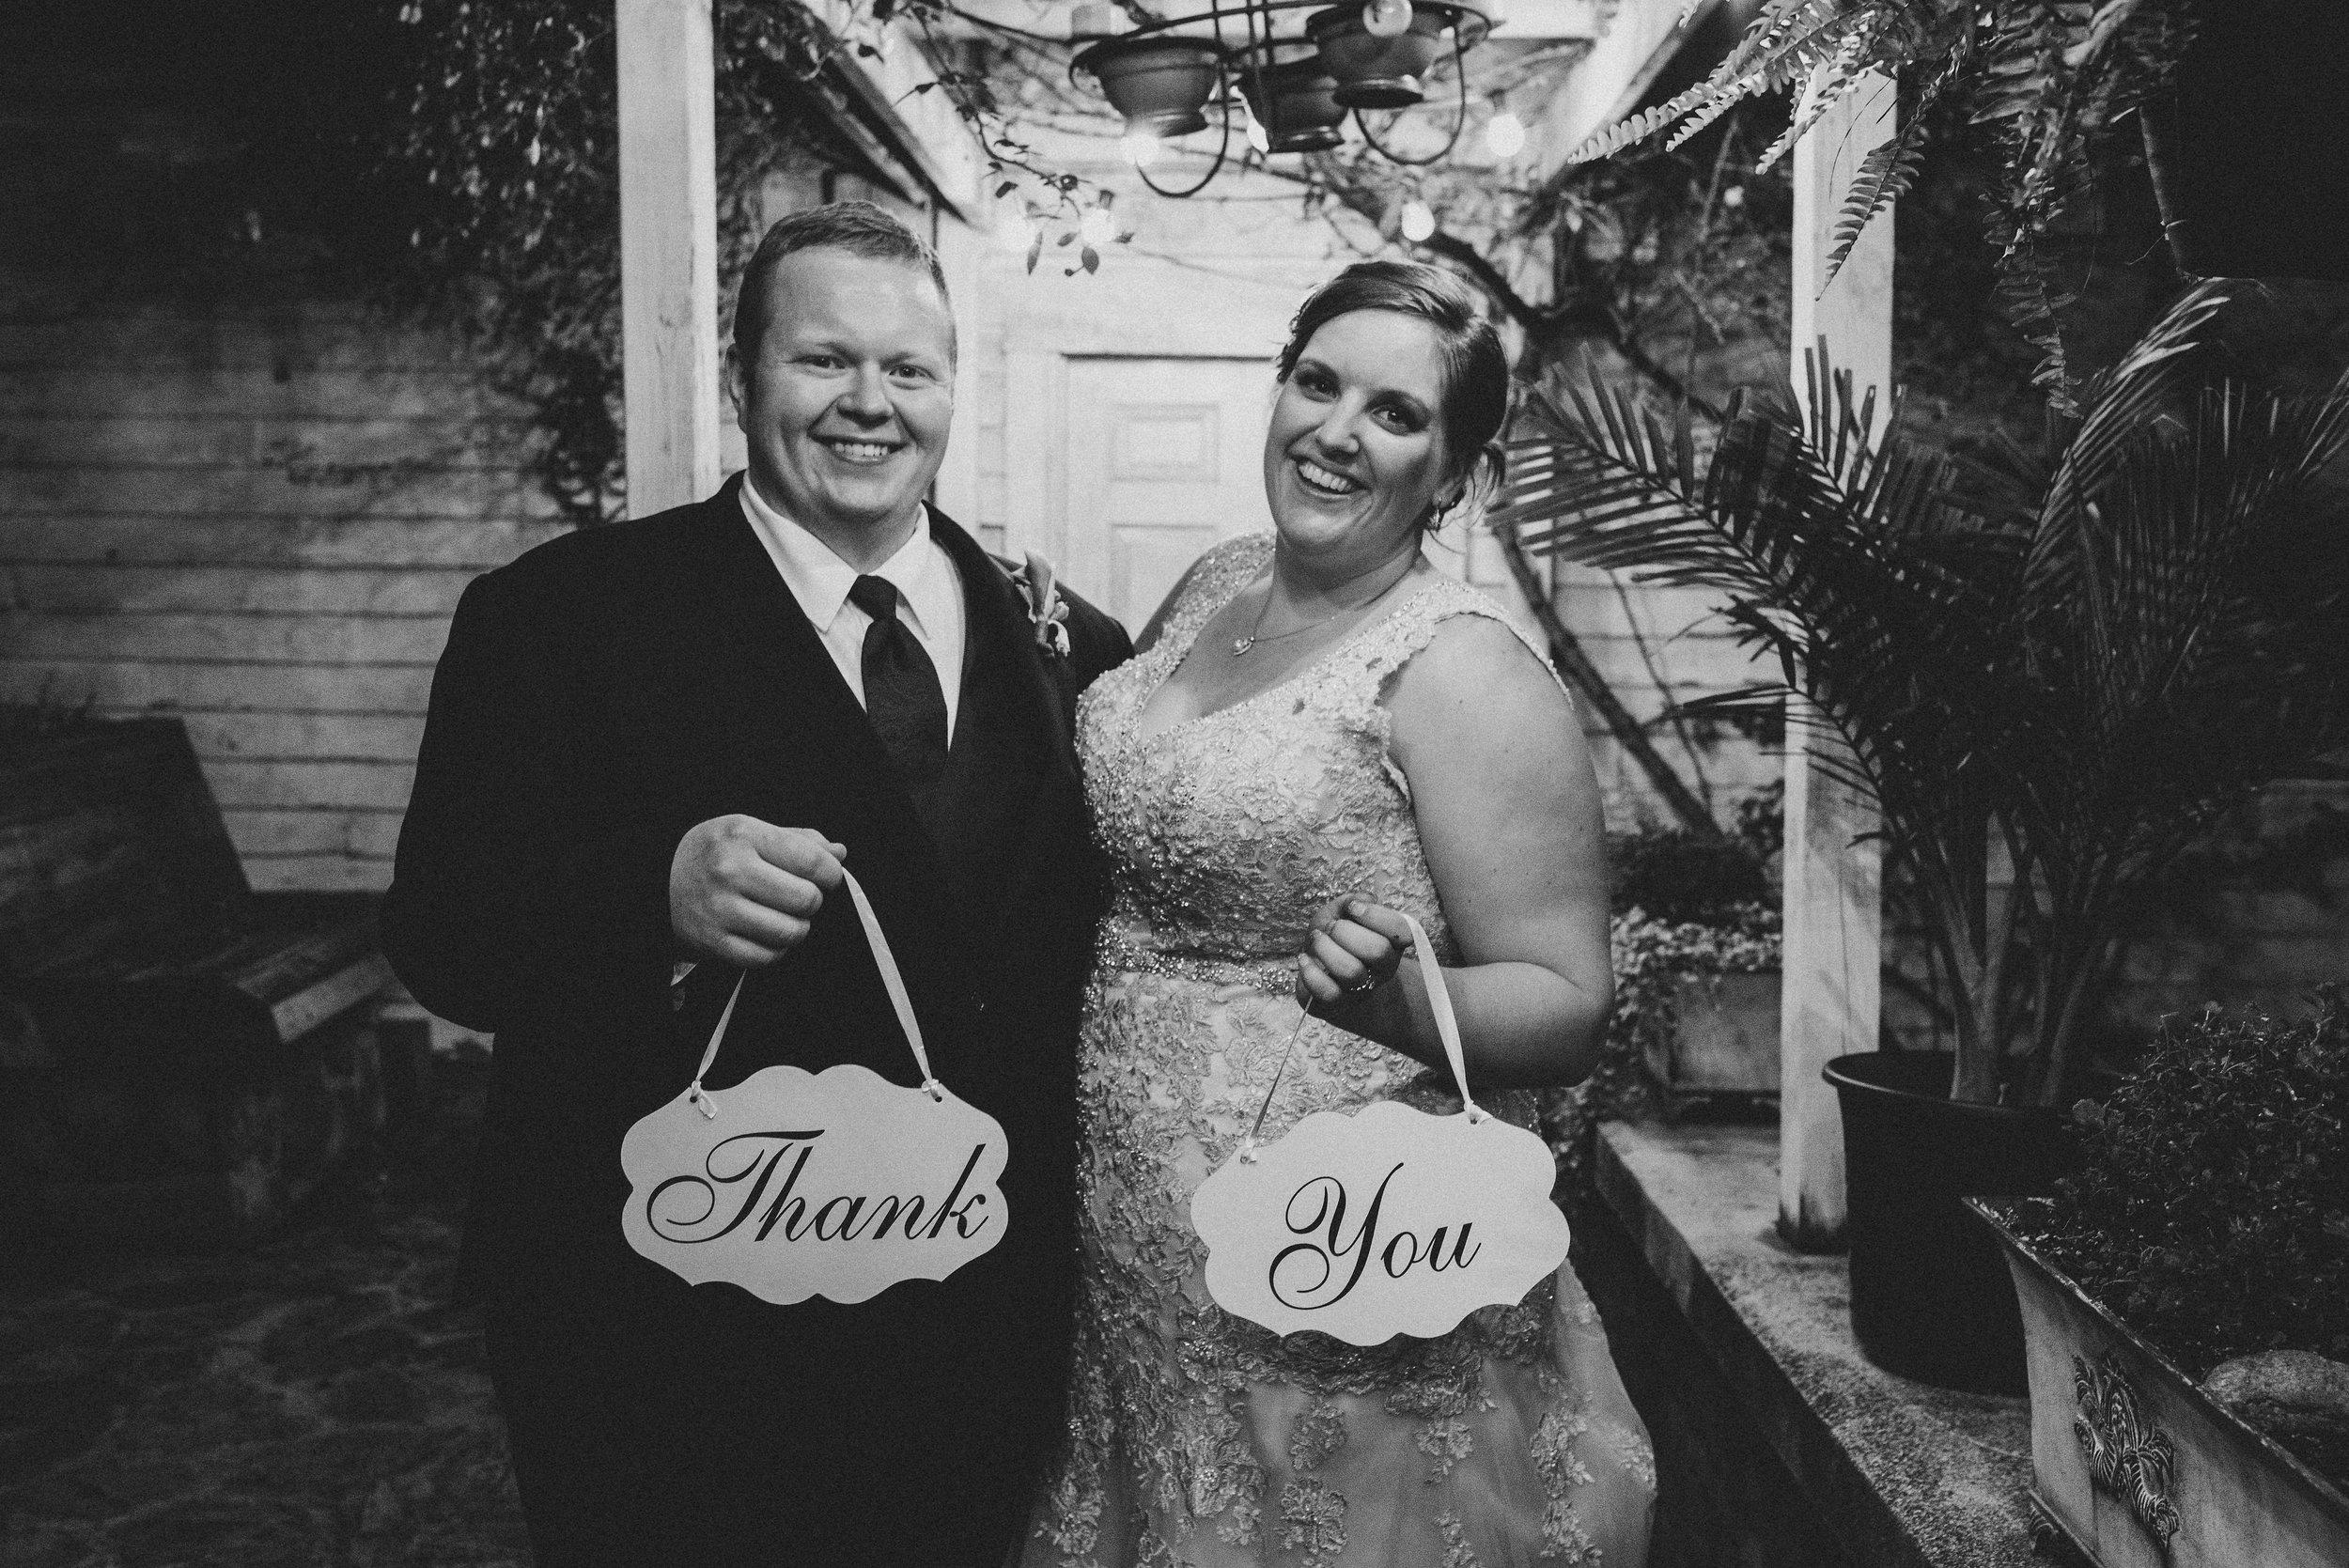 thank-you-wedding-card.jpg